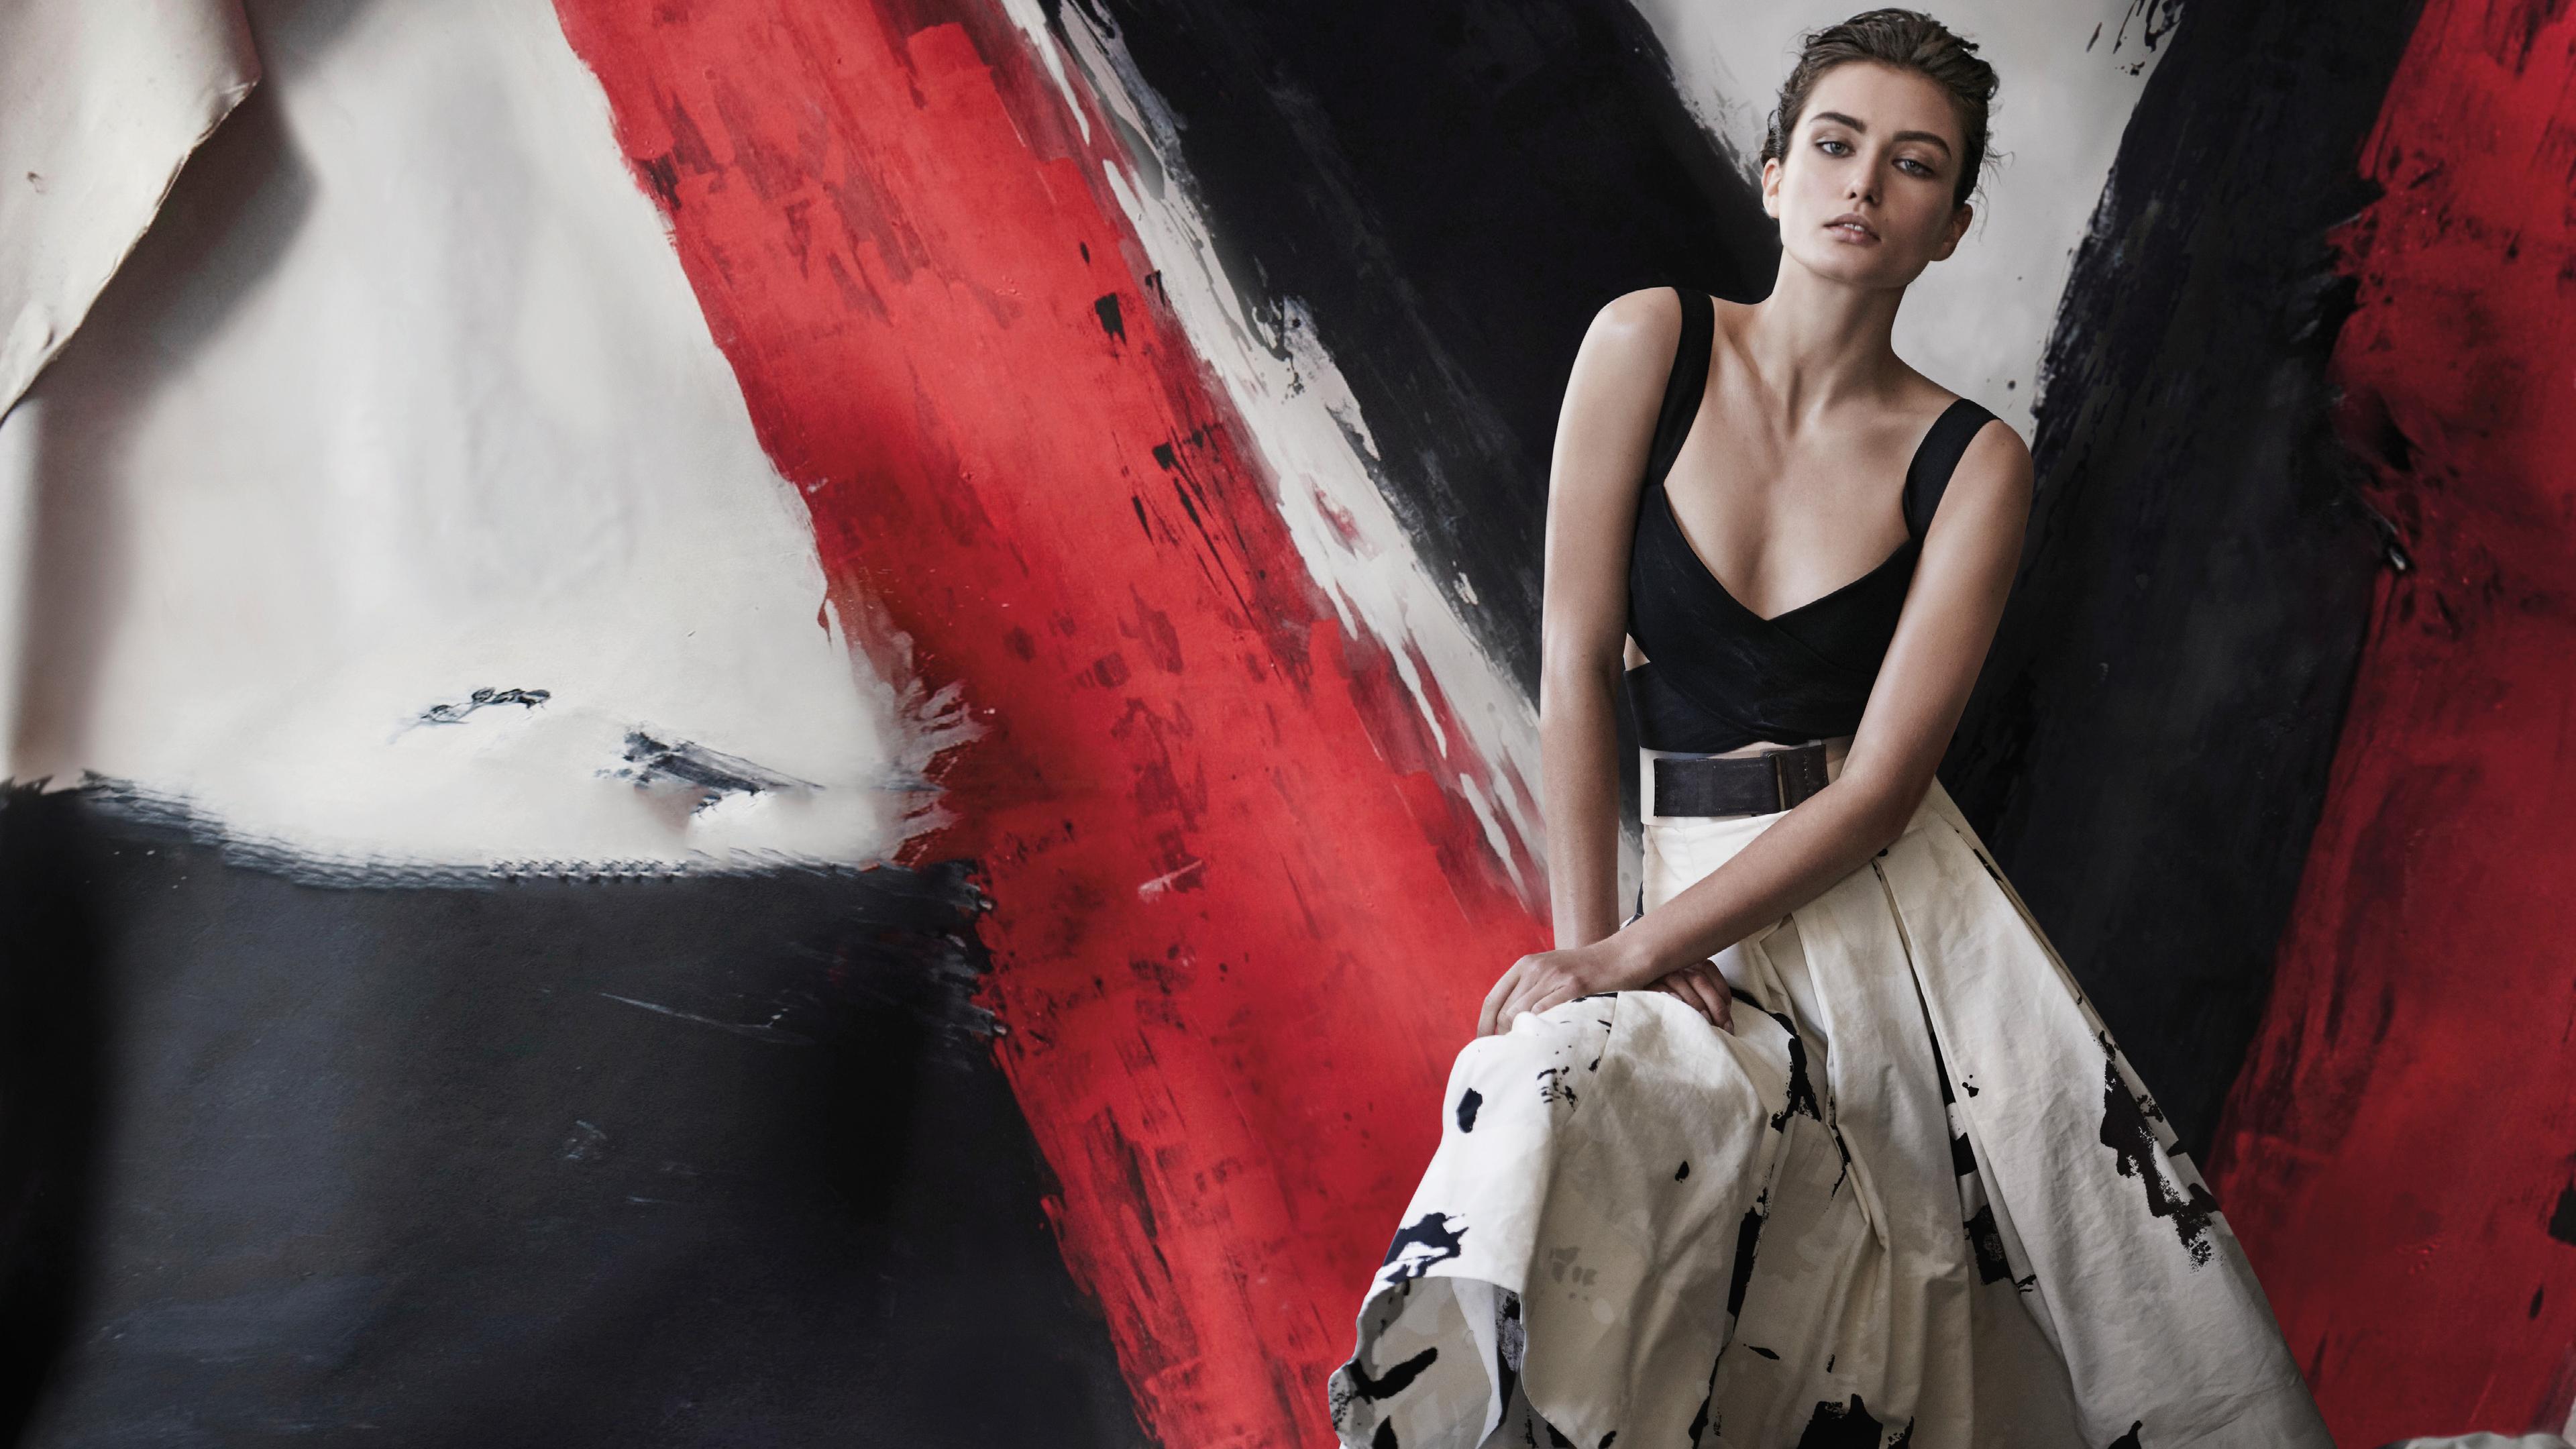 andreea diaconu 4k 1546276959 - Andreea Diaconu 4k - hd-wallpapers, girls wallpapers, celebrities wallpapers, andreea diaconu wallpapers, 4k-wallpapers